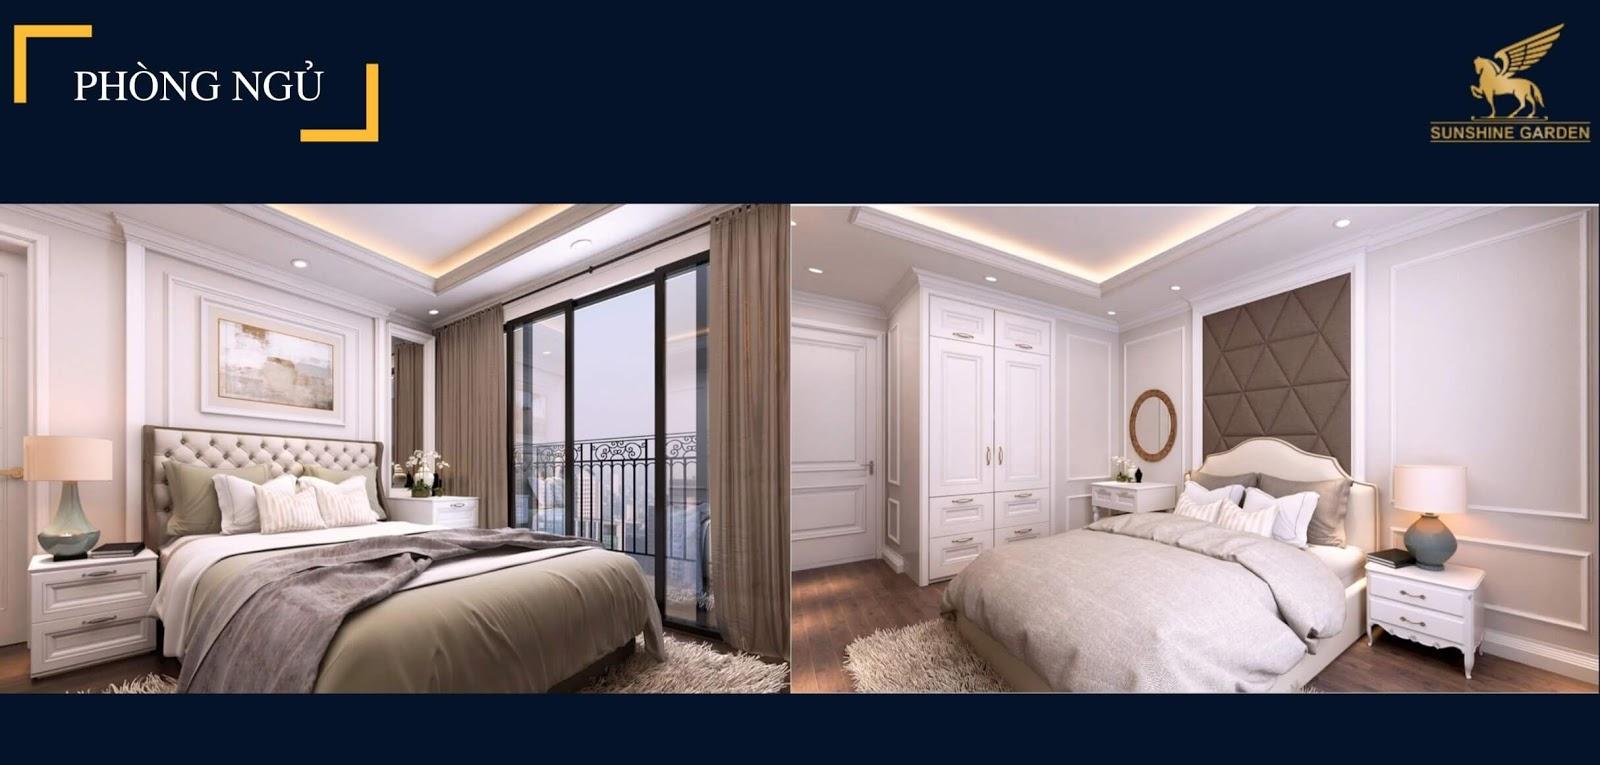 Phòng ngủ chung cư Sunshine Garden